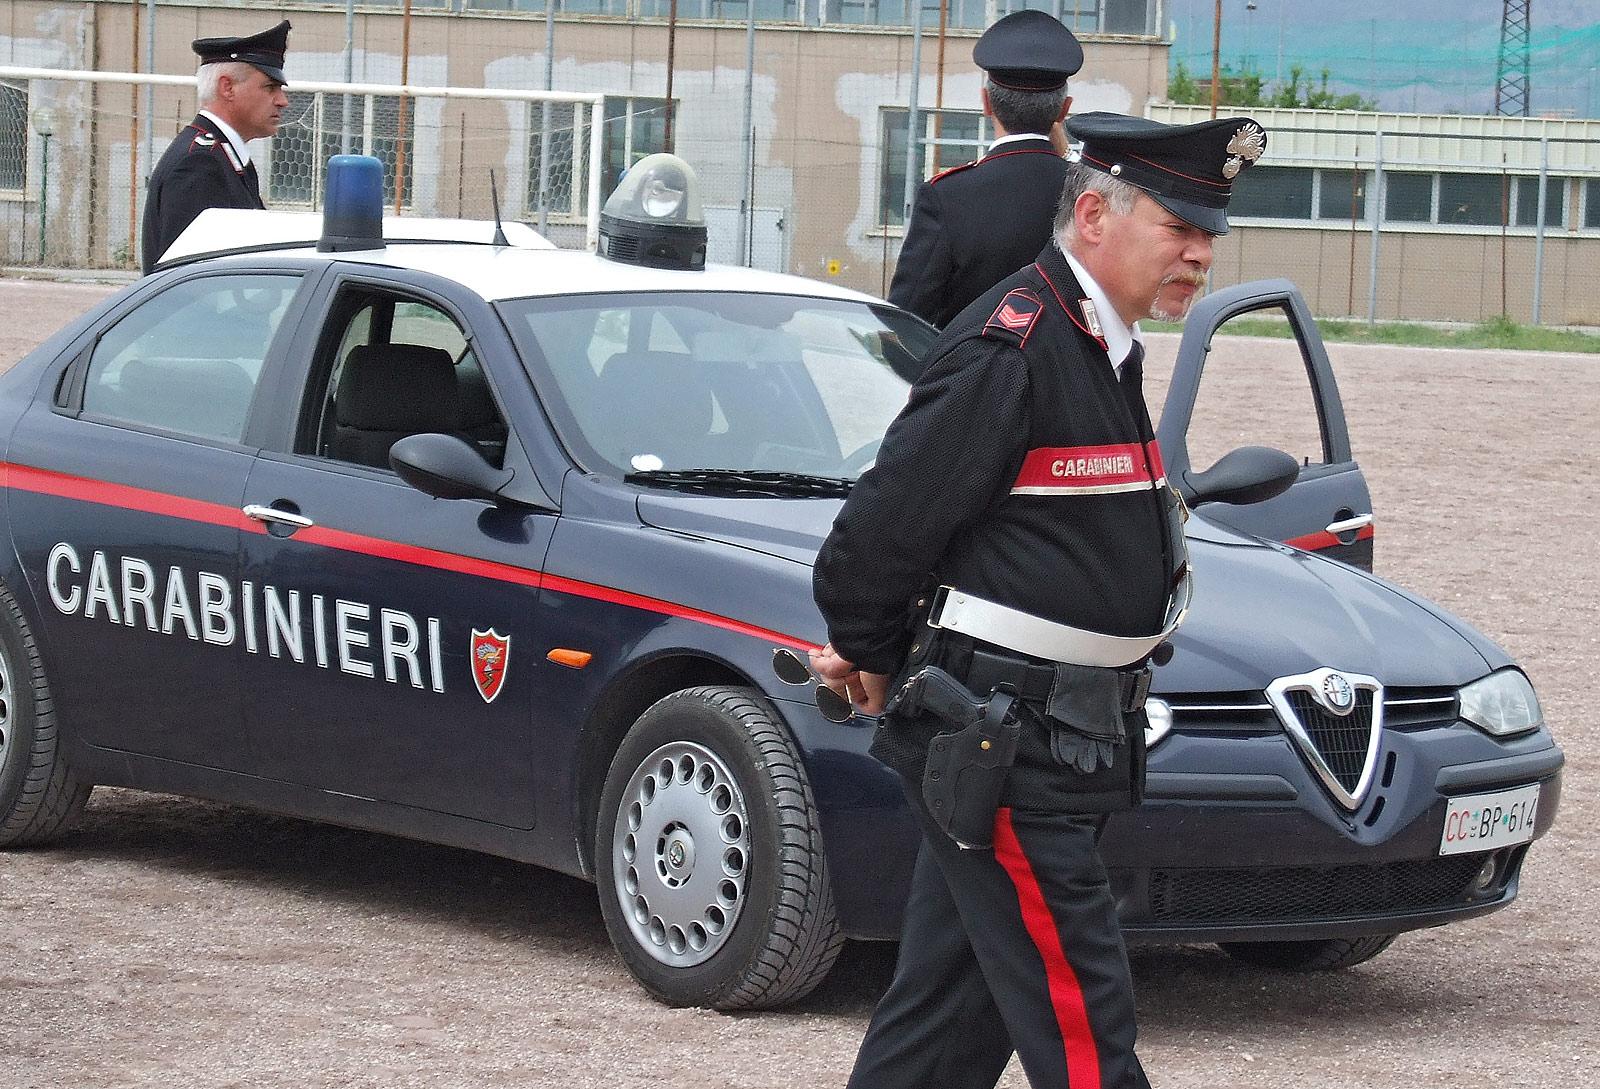 Incidente mortale a Napoli: moto urta un'auto, deceduto 18enne